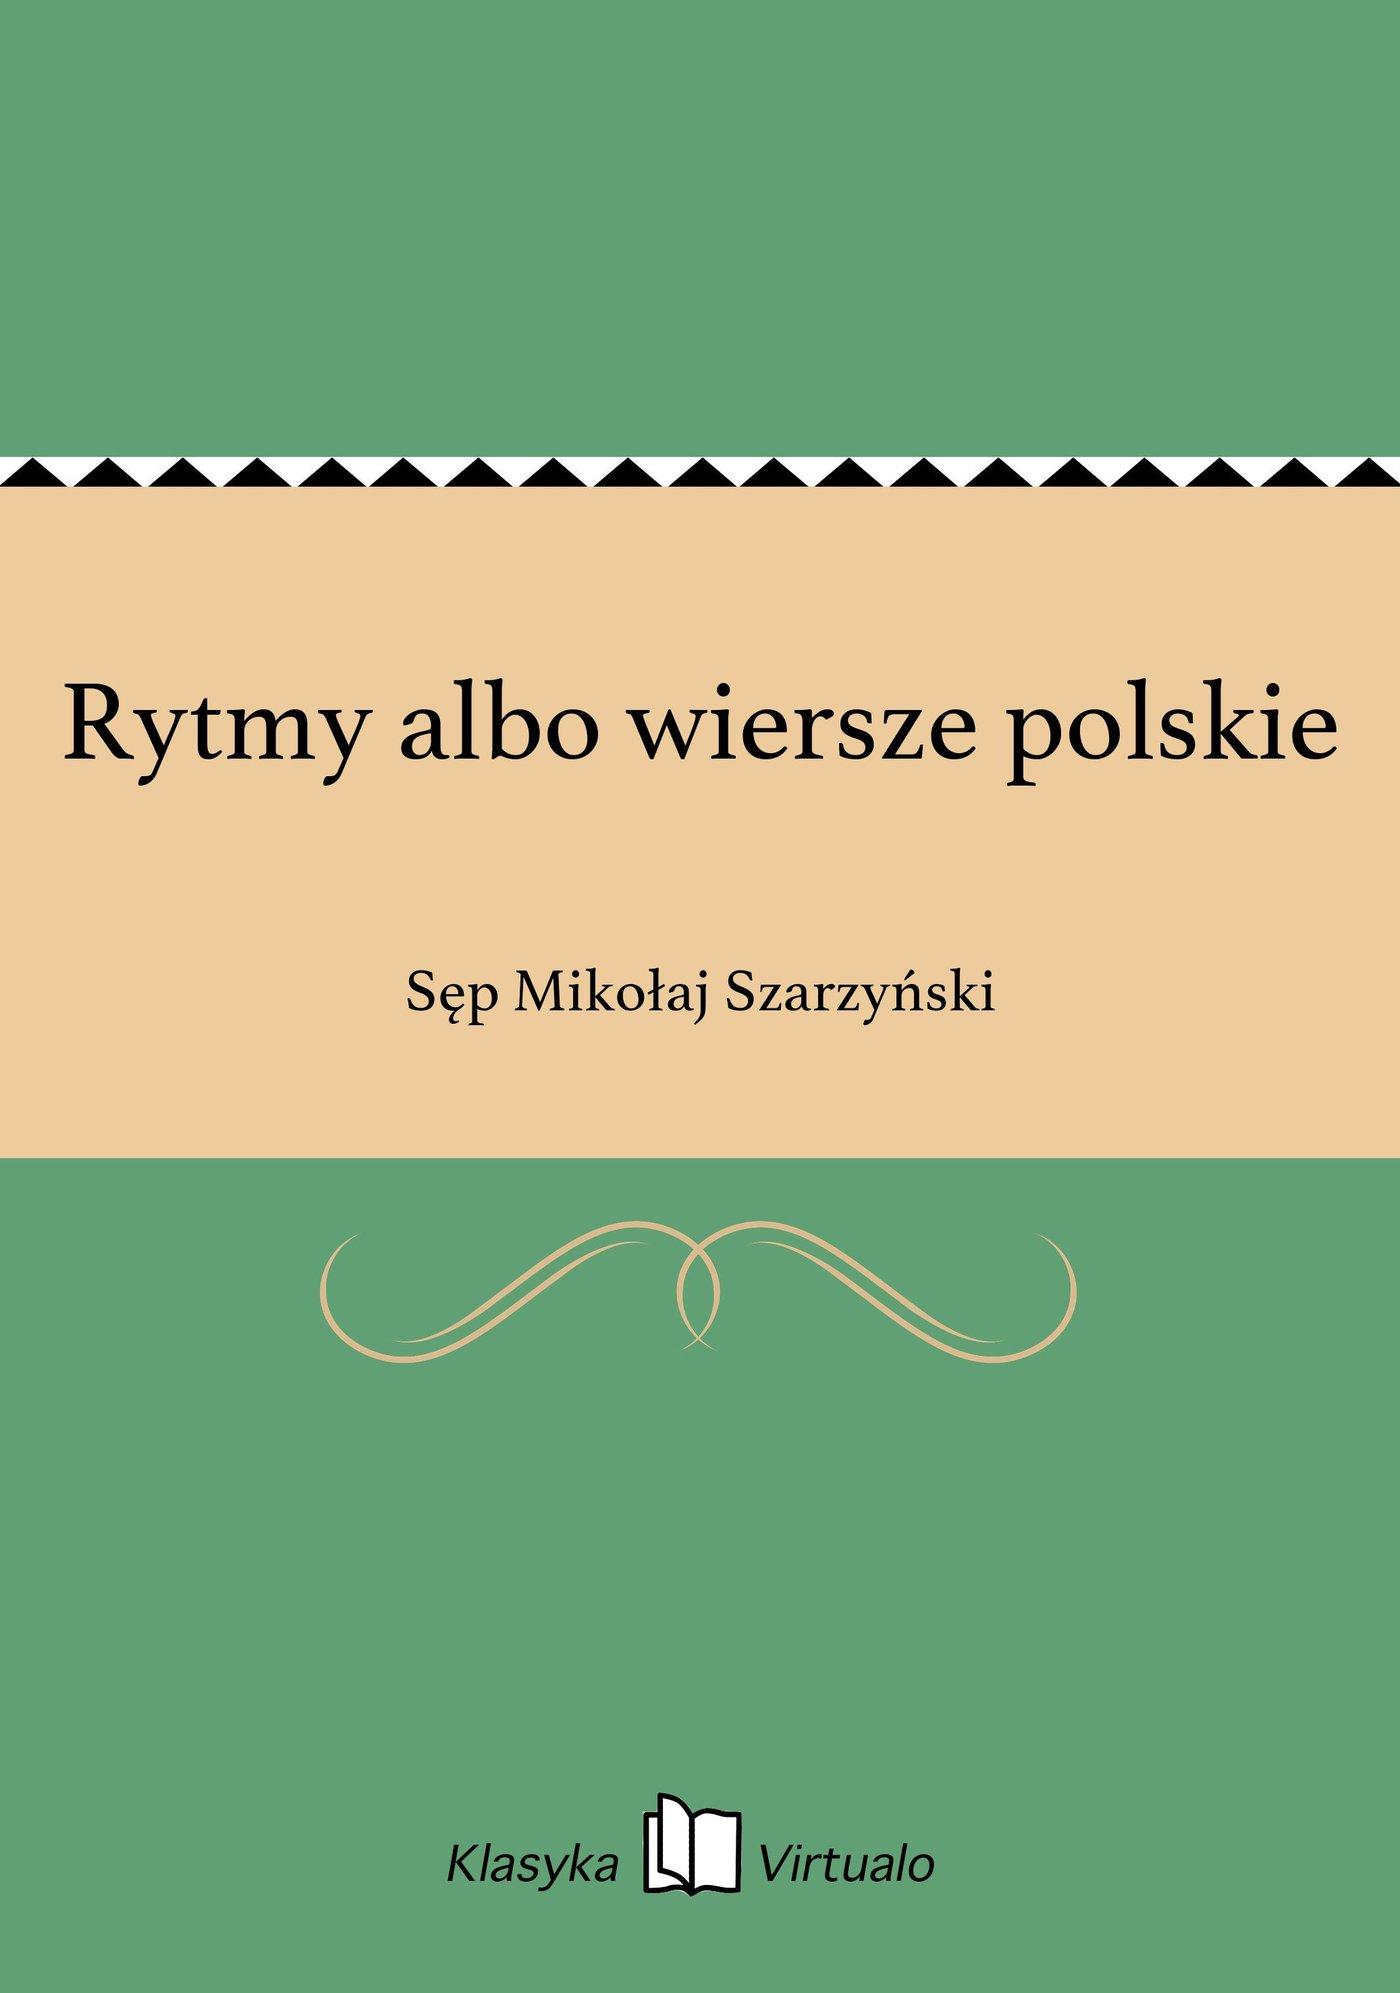 Rytmy albo wiersze polskie - Ebook (Książka EPUB) do pobrania w formacie EPUB